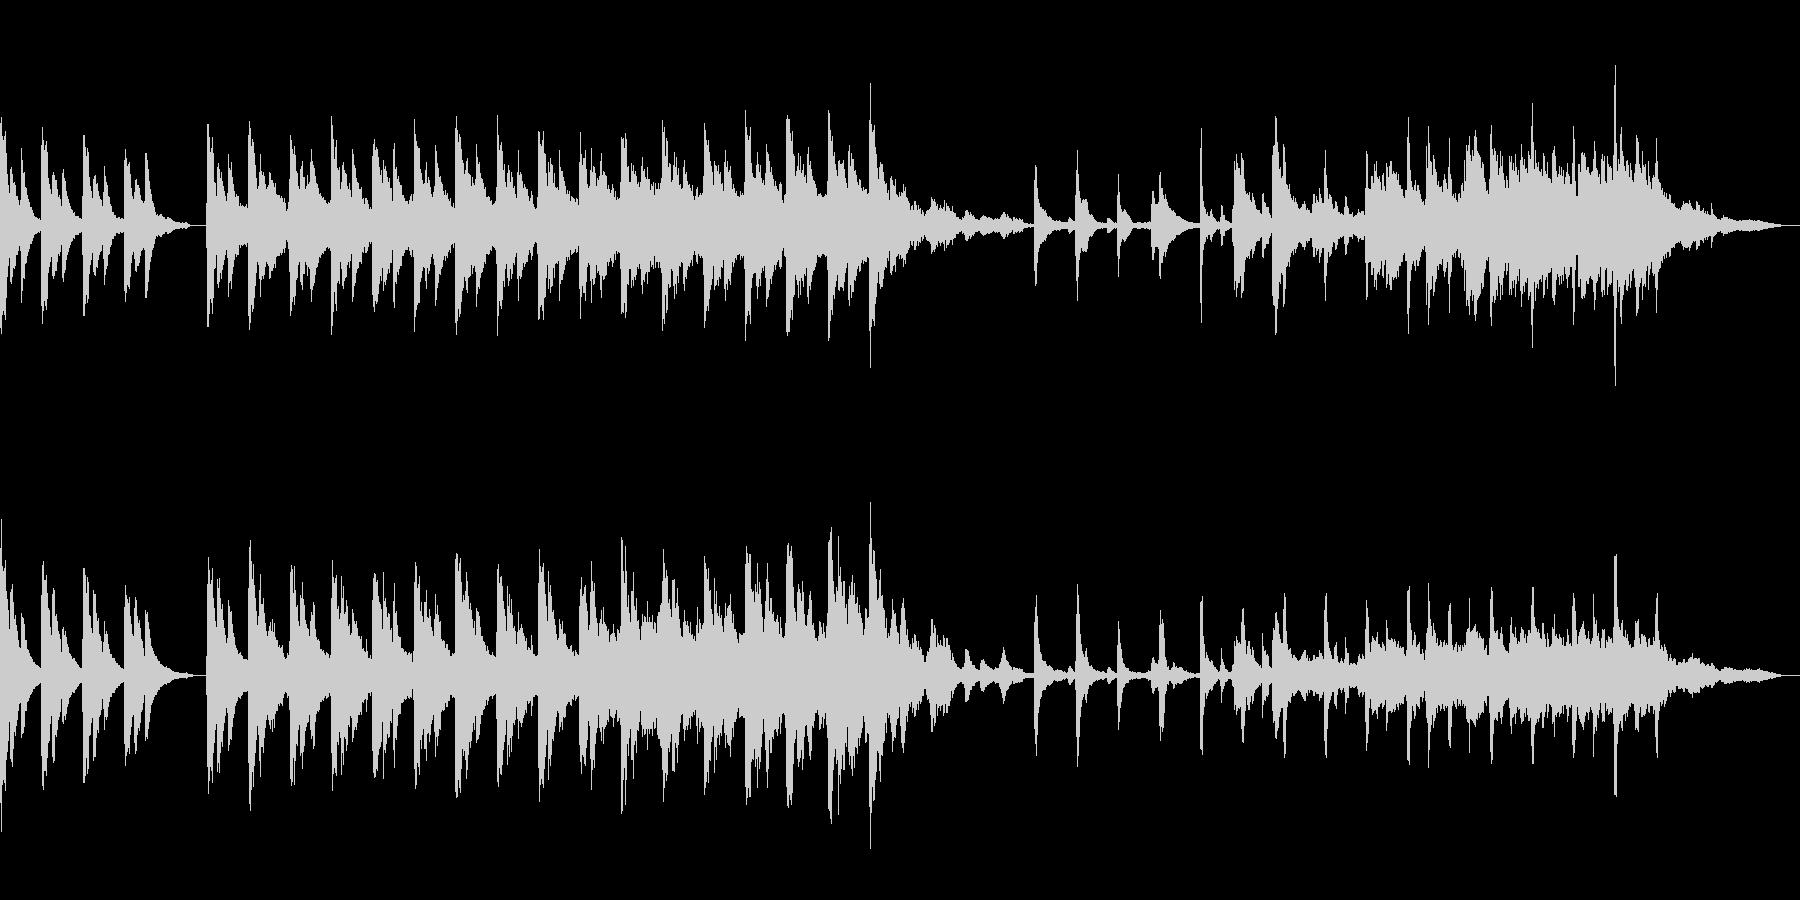 深いピアノの旋律が印象的な幻想的な楽曲の未再生の波形